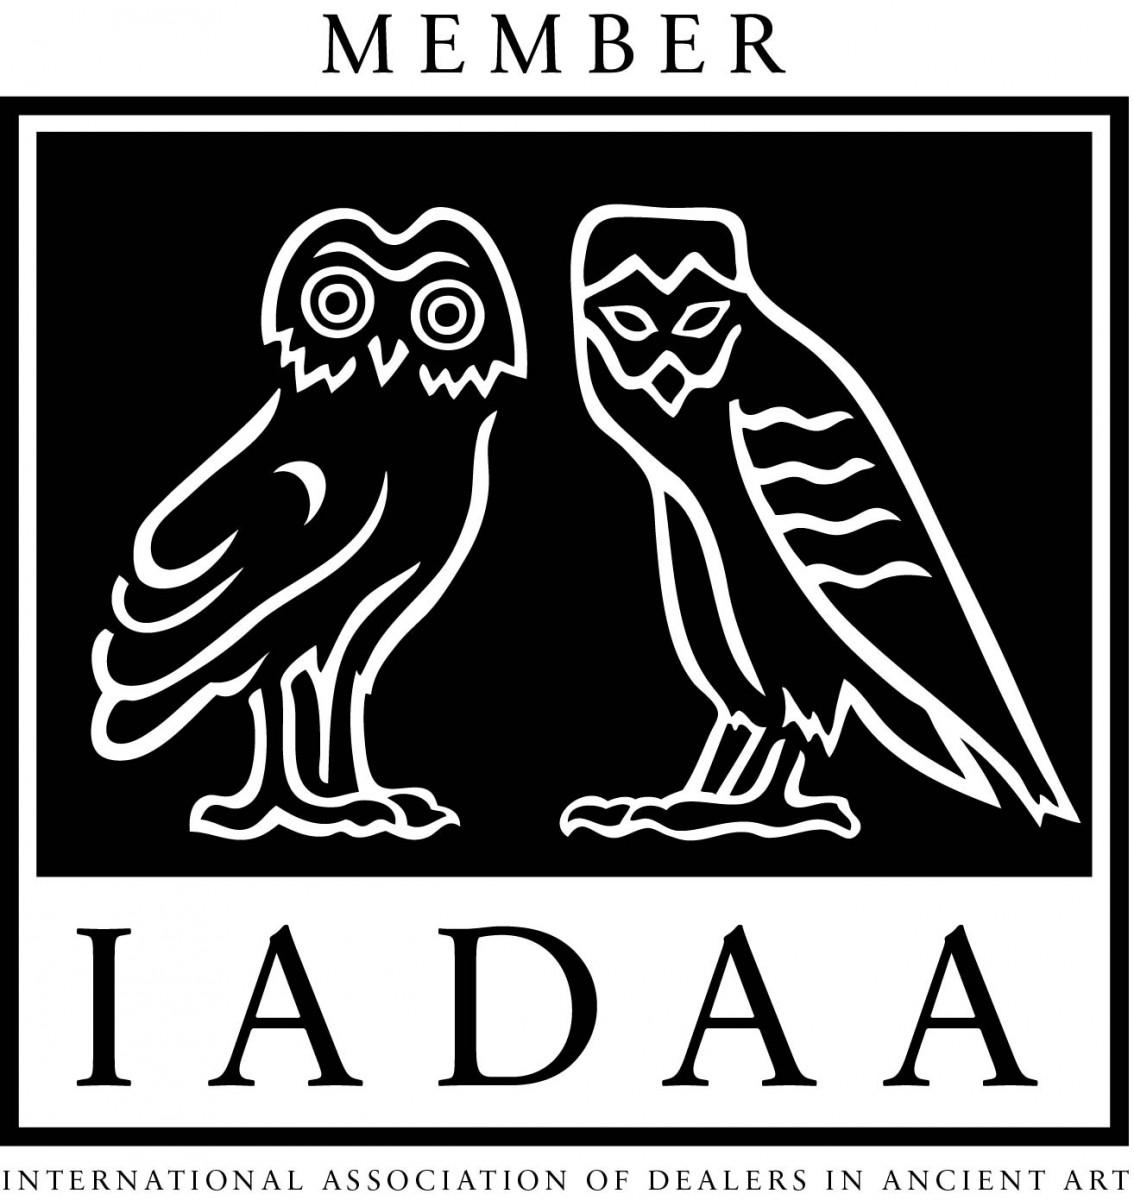 IADAA Member_cmyk